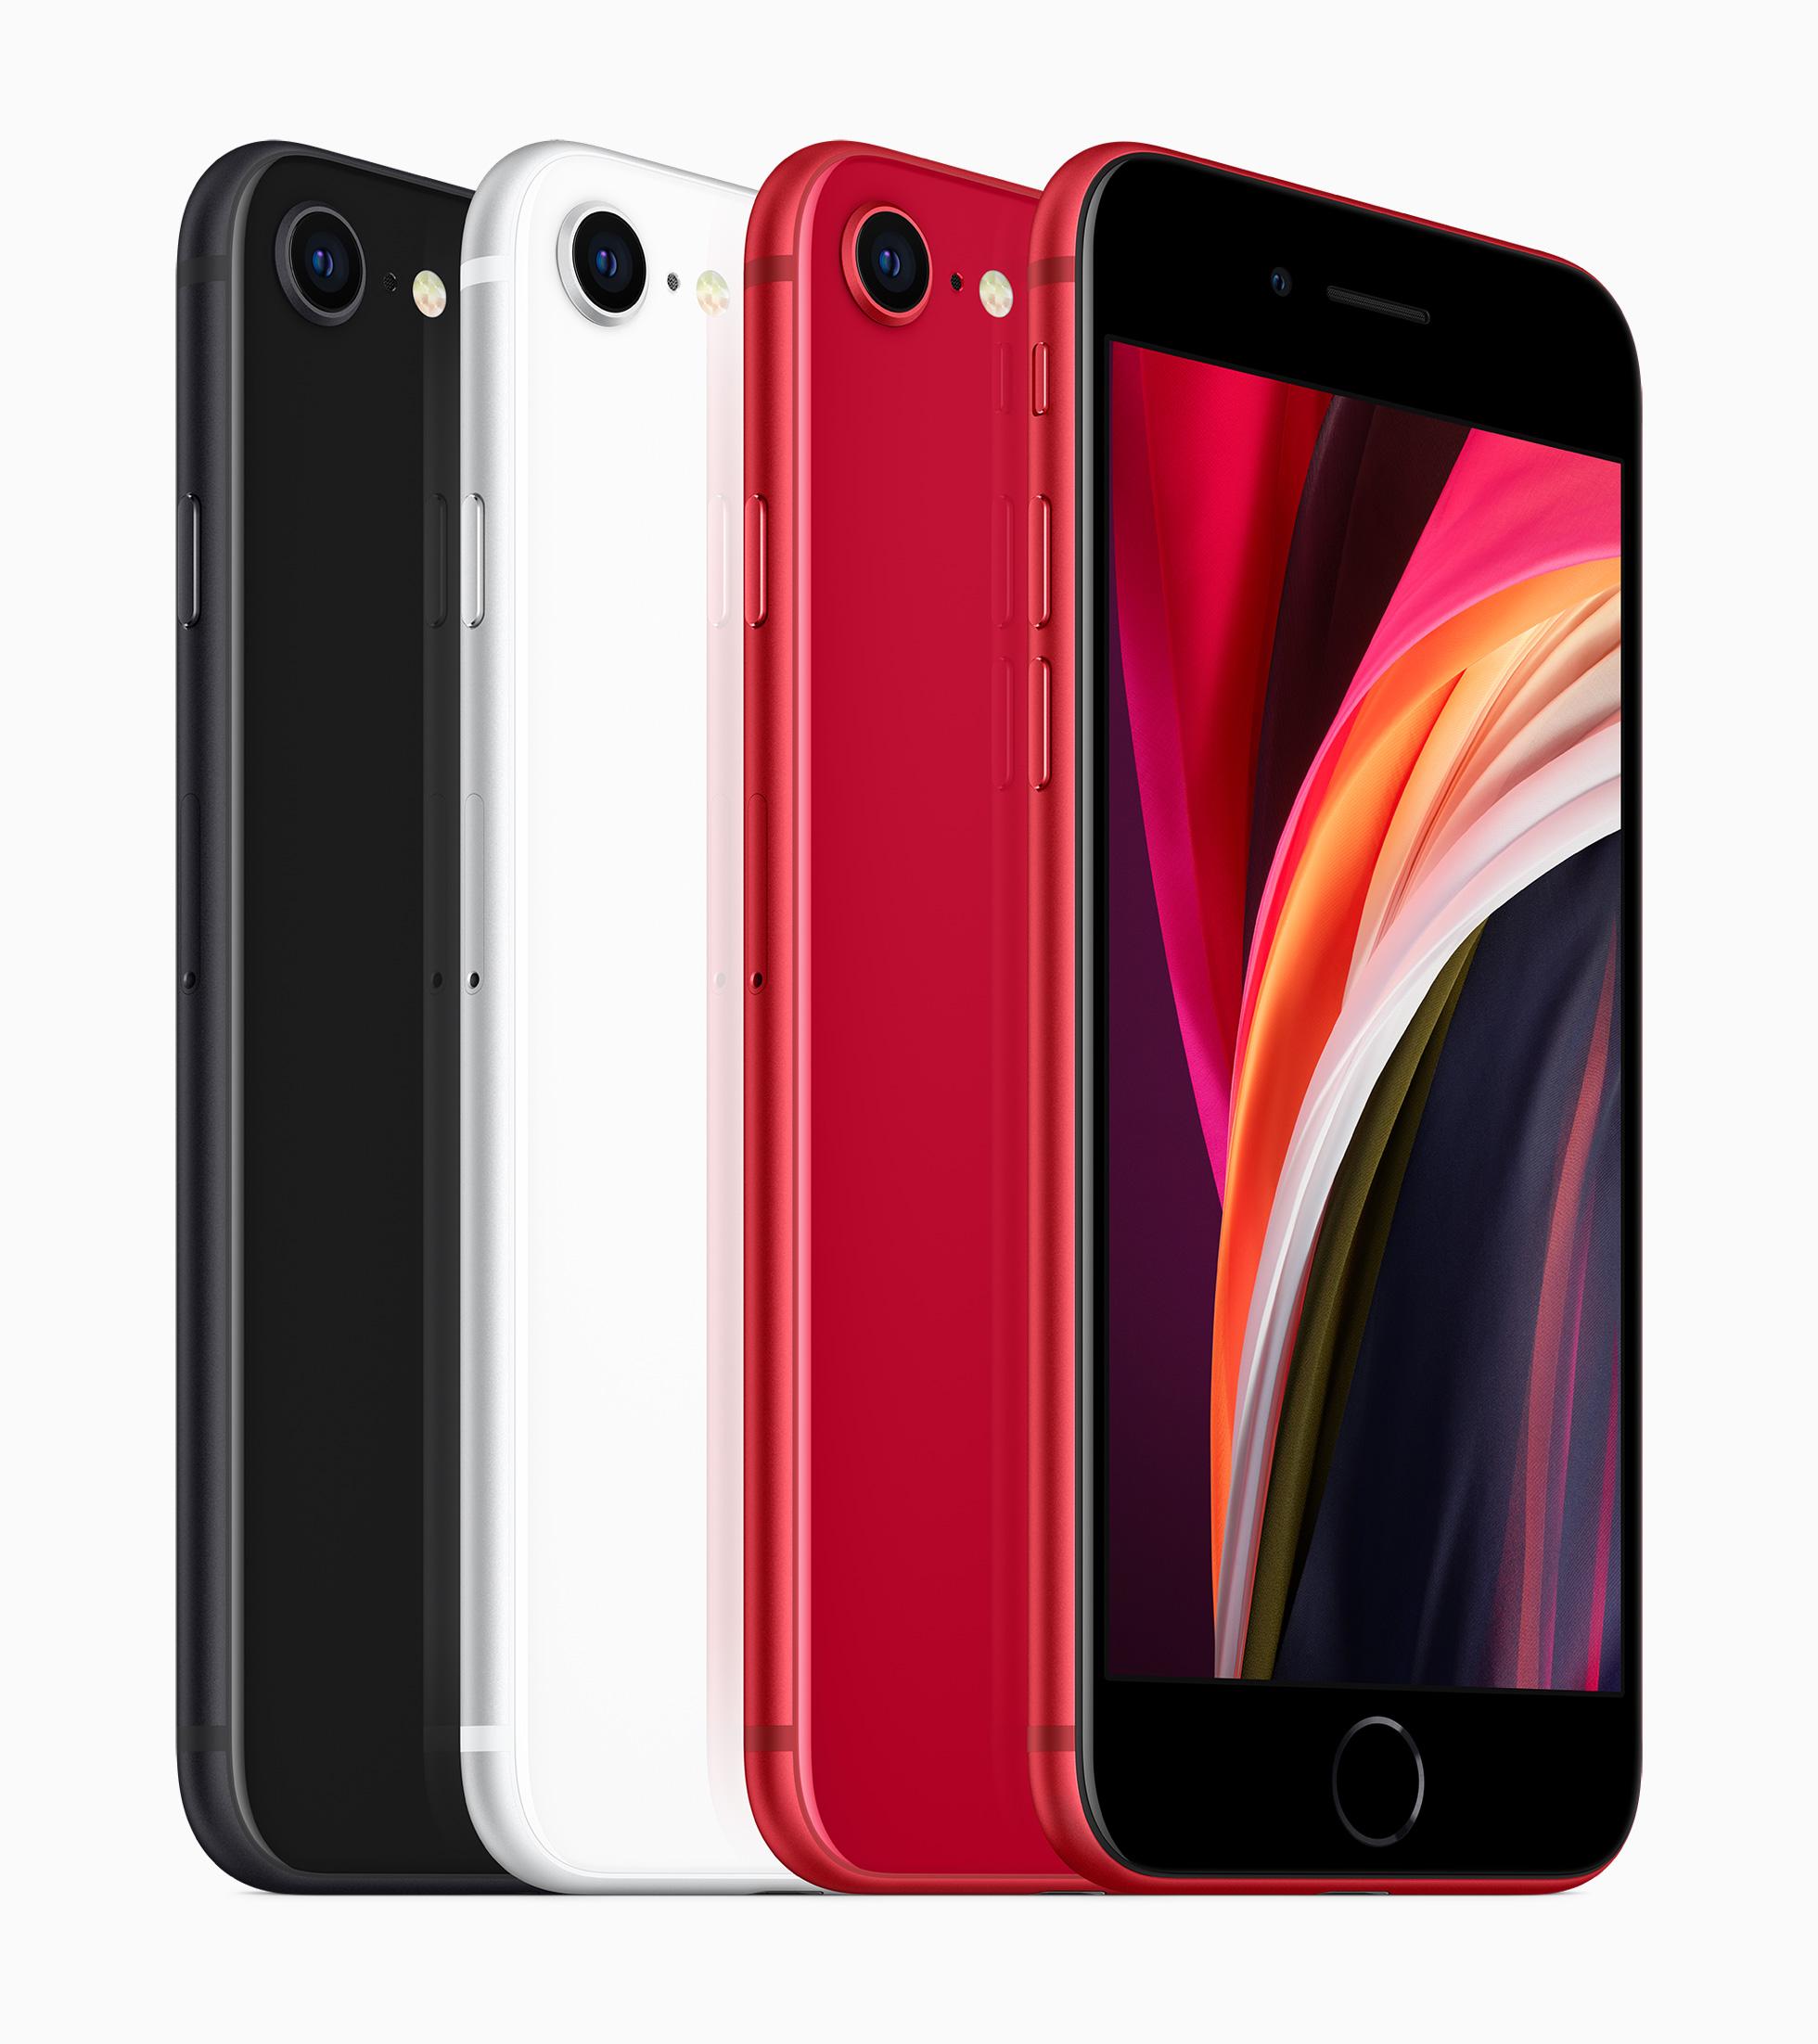 iPhone SE 2020 in drei verschiedenen Farben: Schwarz, Weiß und (PRODUCT)RED, Hack4Life, Fabian Geissler, Apple, iPhone SE Nachfolger